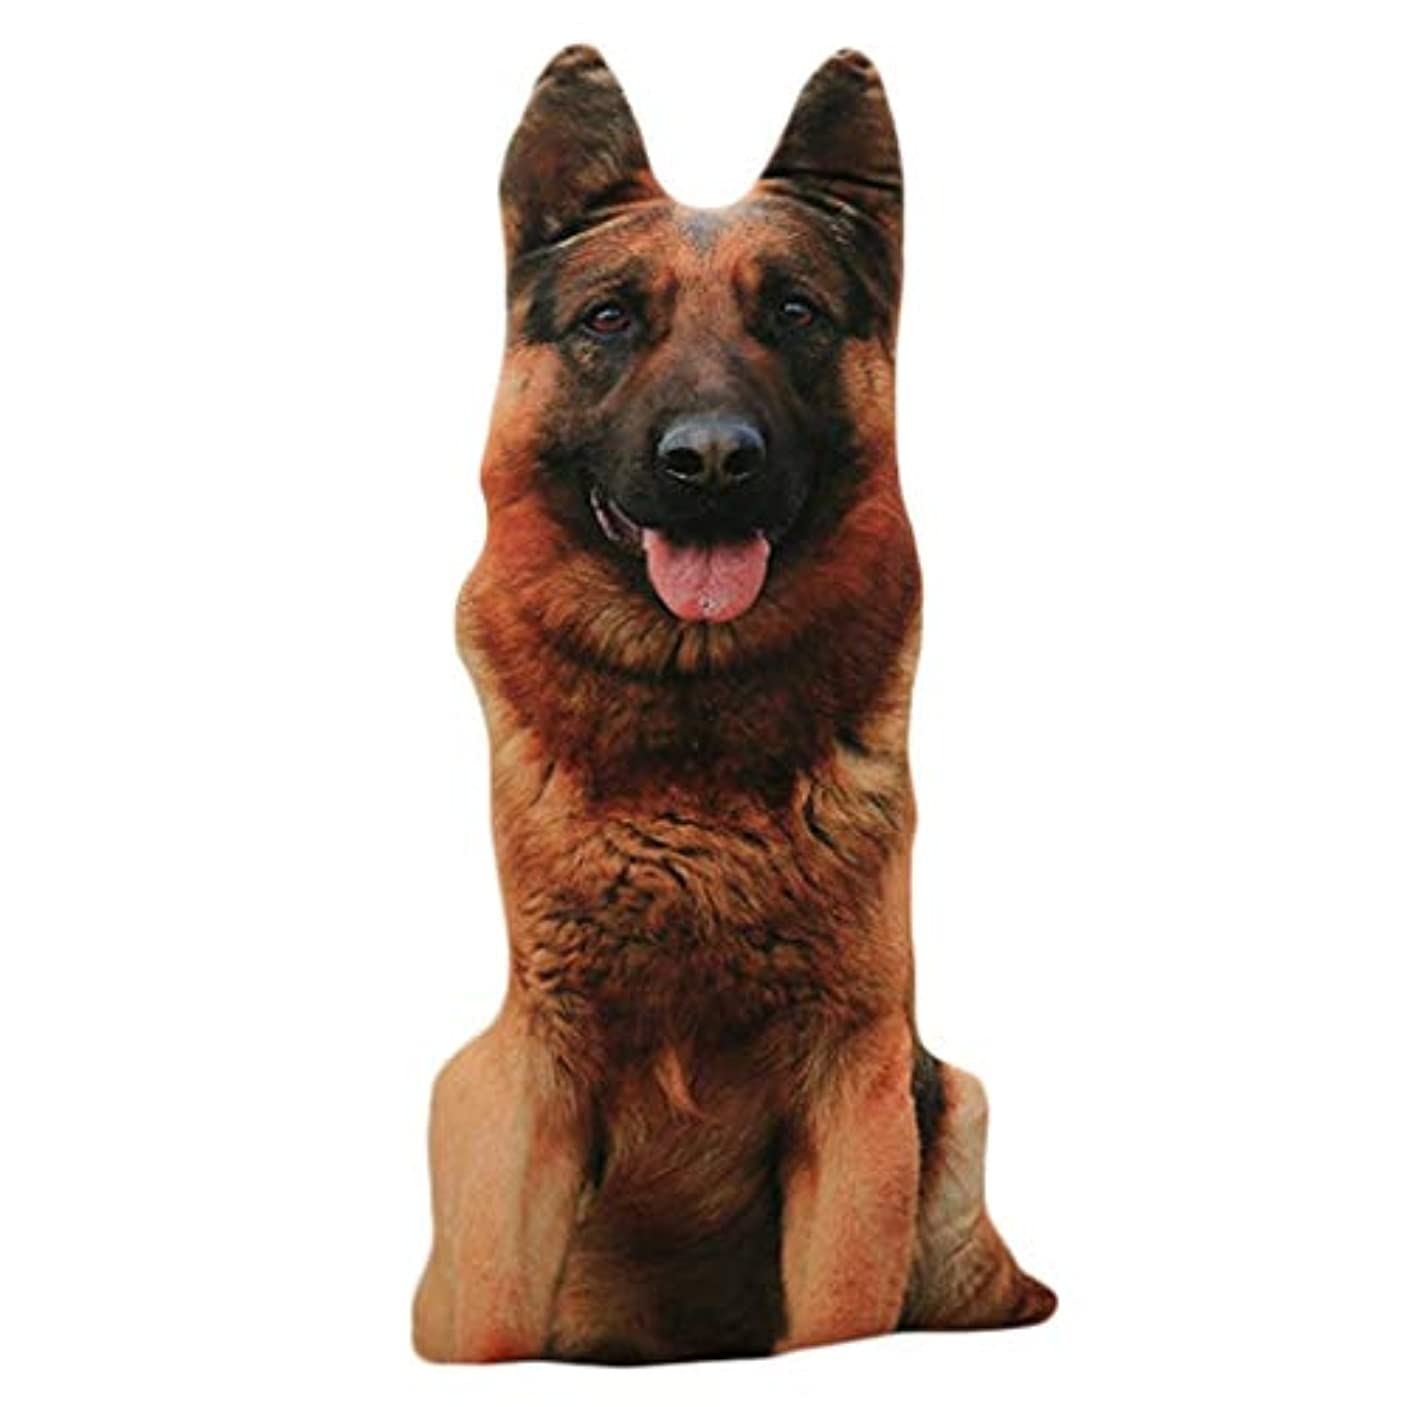 城アセンブリ宿るLIFE 装飾クッションソファおかしい 3D 犬印刷スロー枕創造クッションかわいいぬいぐるみギフト家の装飾 coussin decoratif クッション 椅子